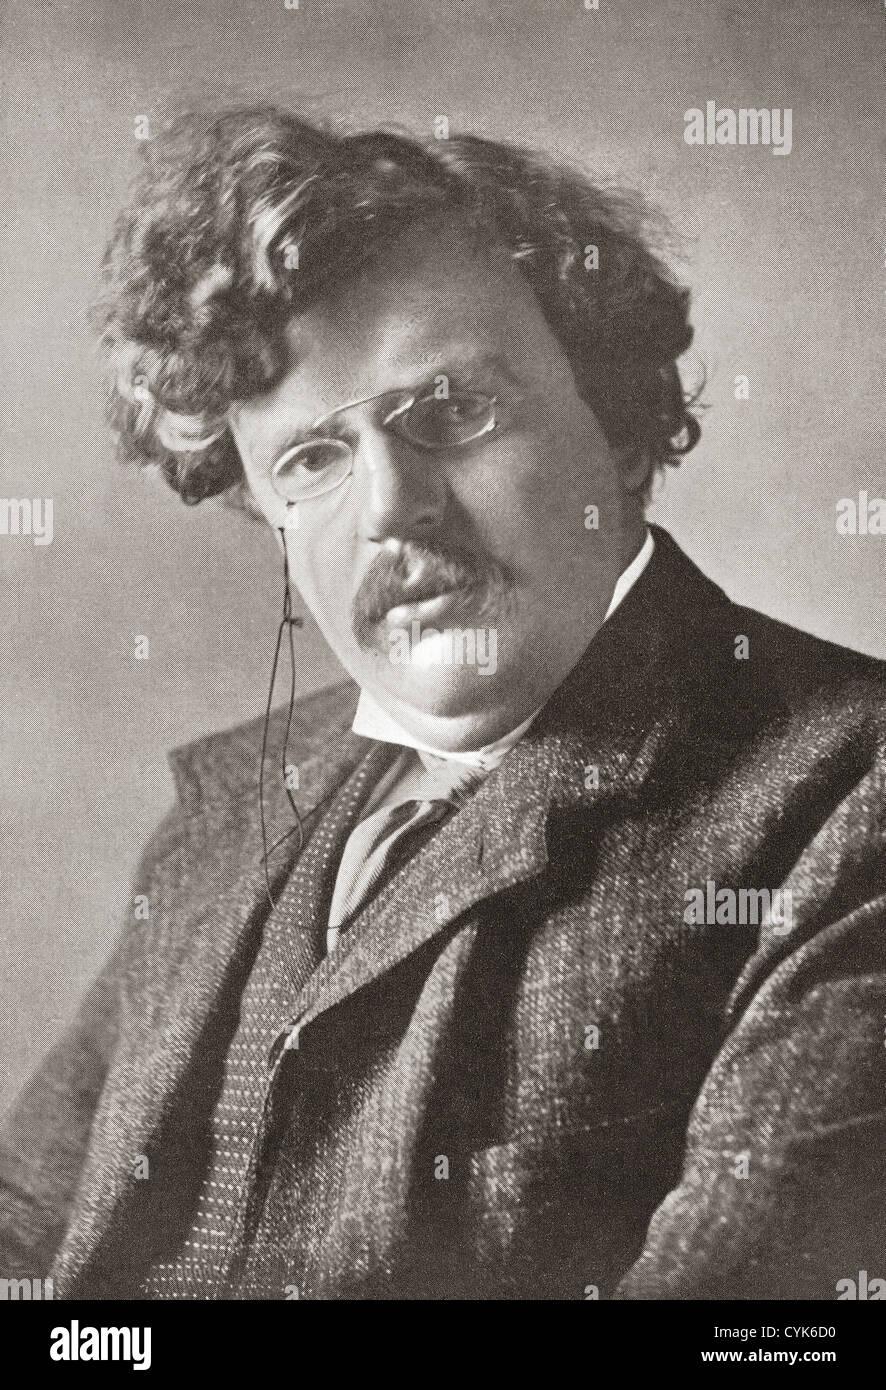 Gilbert Keith Chesterton, 1874 – 1936. English writer. - Stock Image